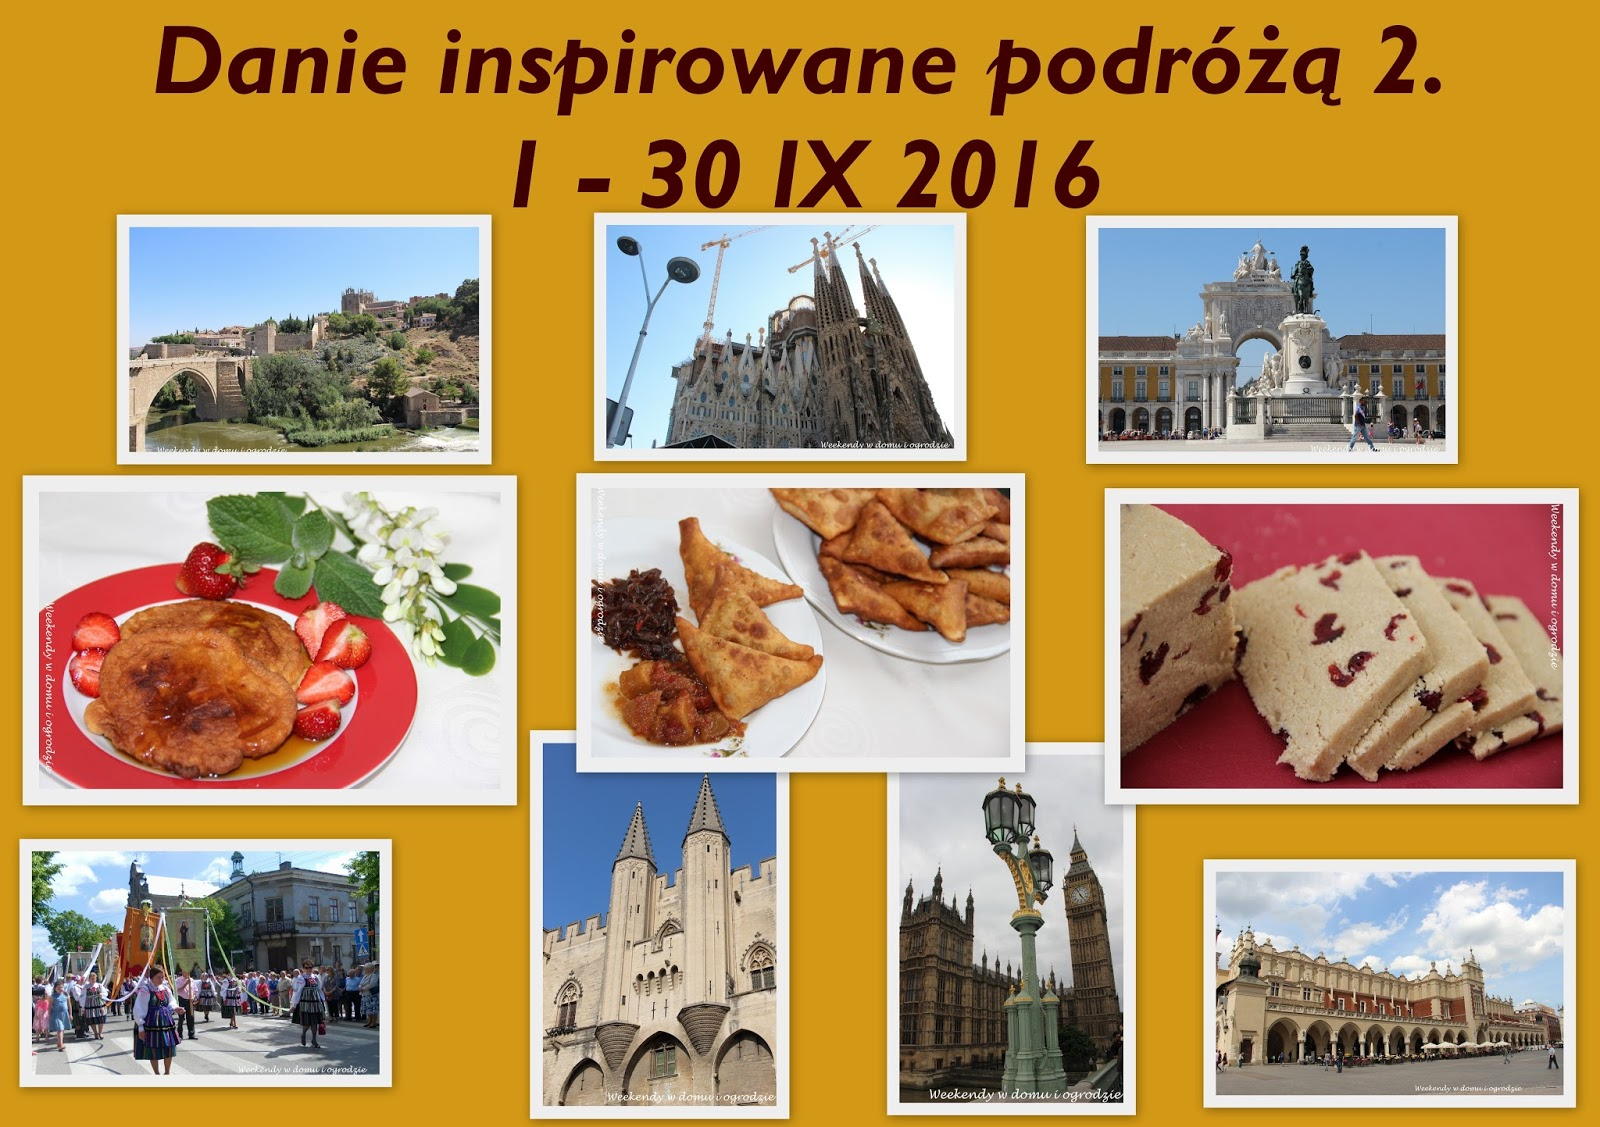 https://weekendywdomuiogrodzie.blogspot.com/2016/08/danie-inspirowane-podroza-2-zaproszenie.html